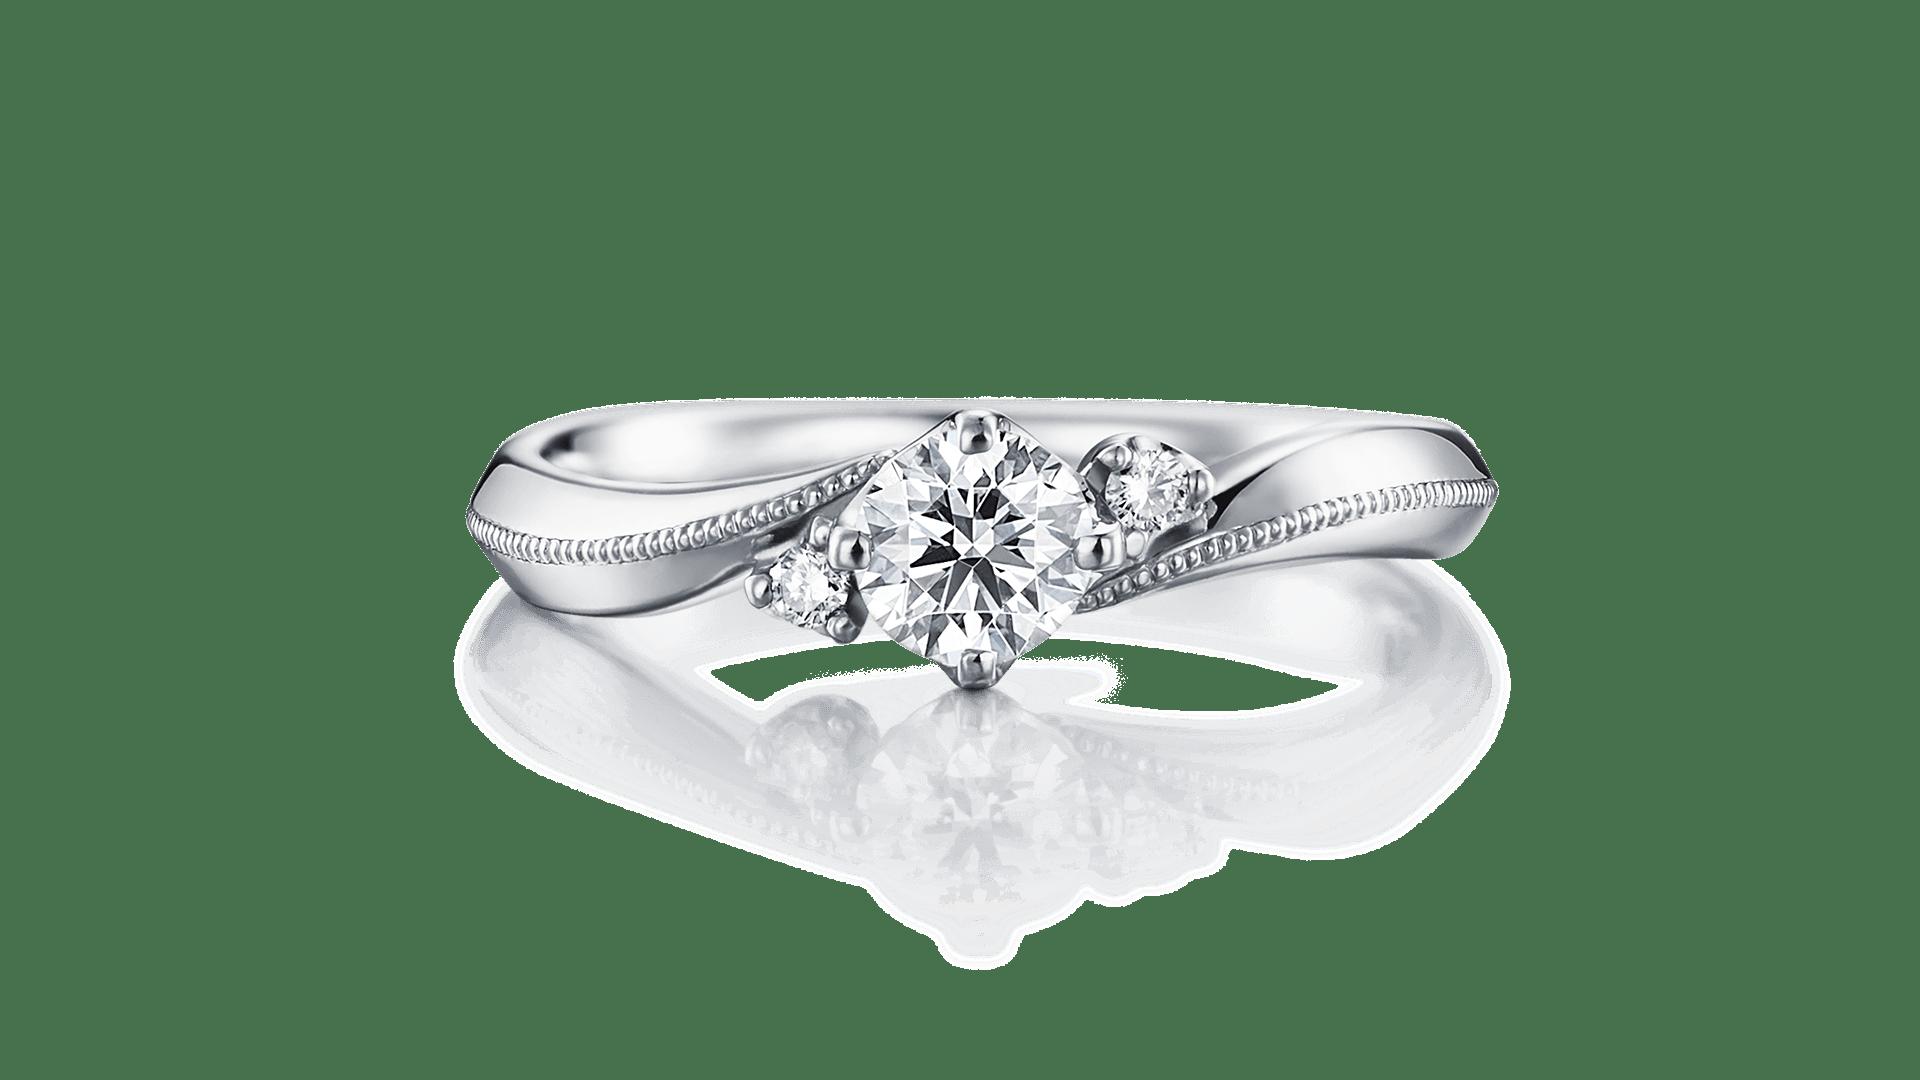 procyon プロキオン | 婚約指輪サムネイル 1